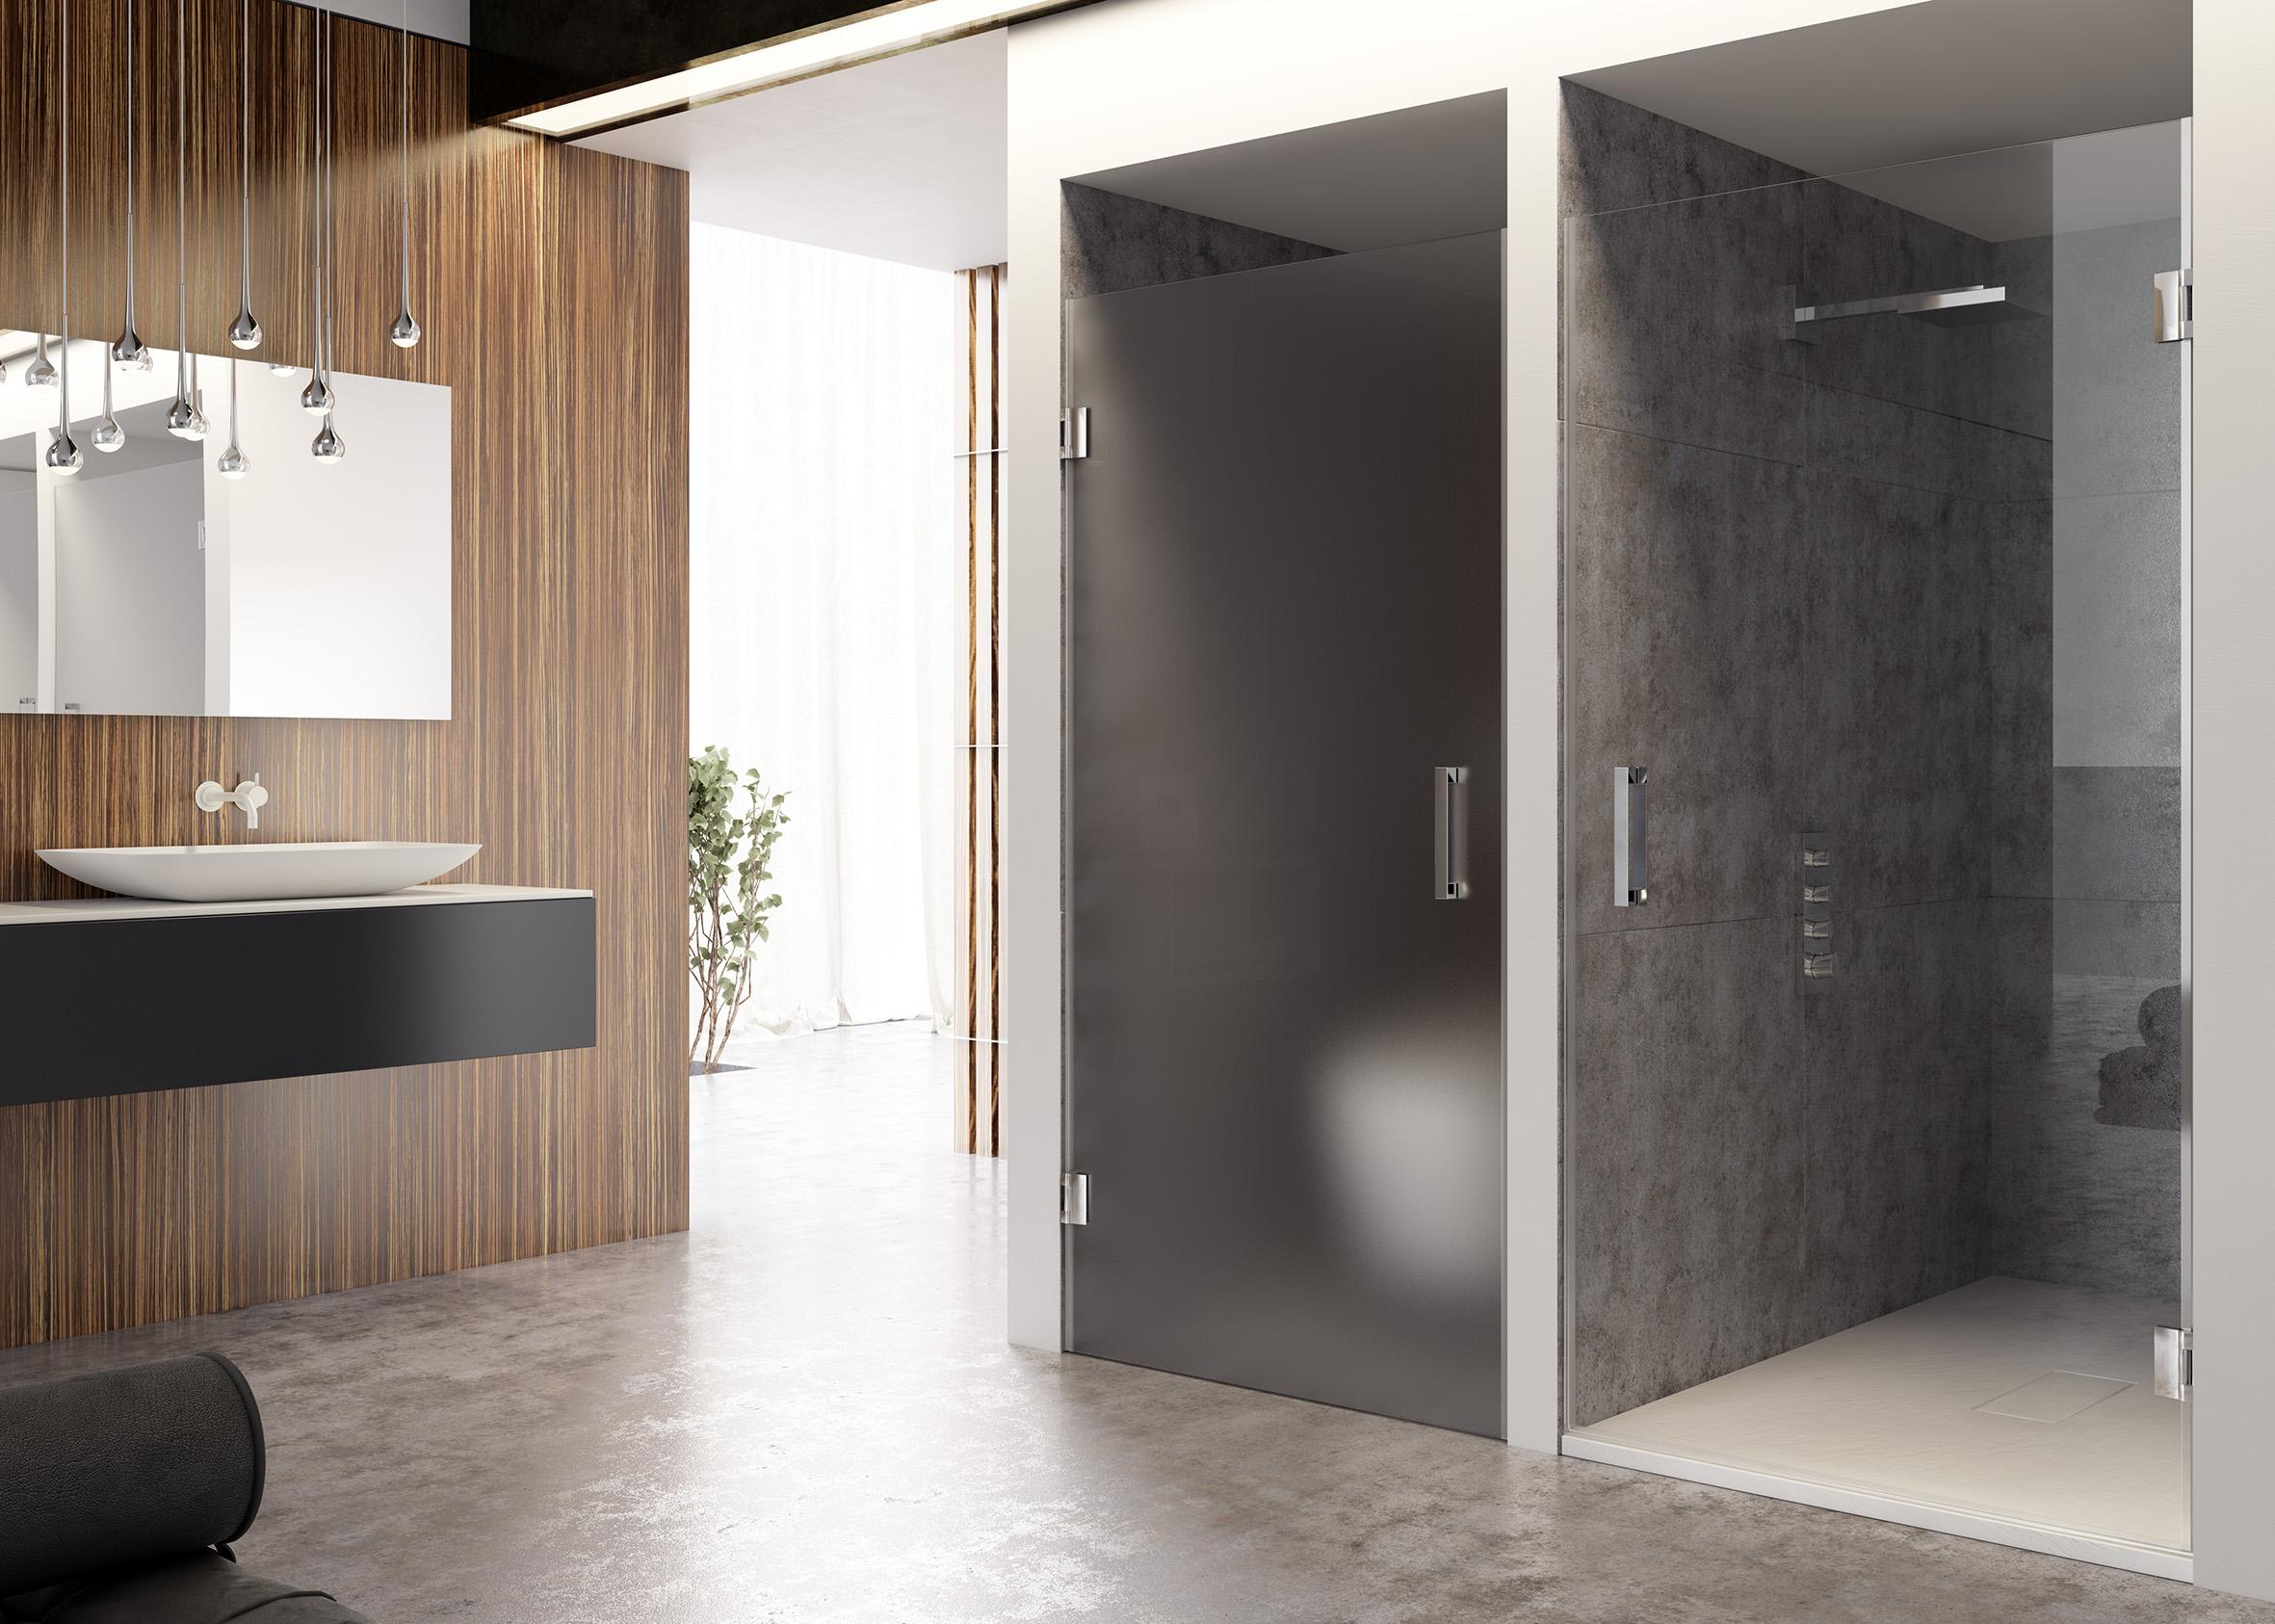 spaziamamparas-de-banomamparas-duchaproyecto-de-banoreformas-de-banobanos-a-medidatres-cantos